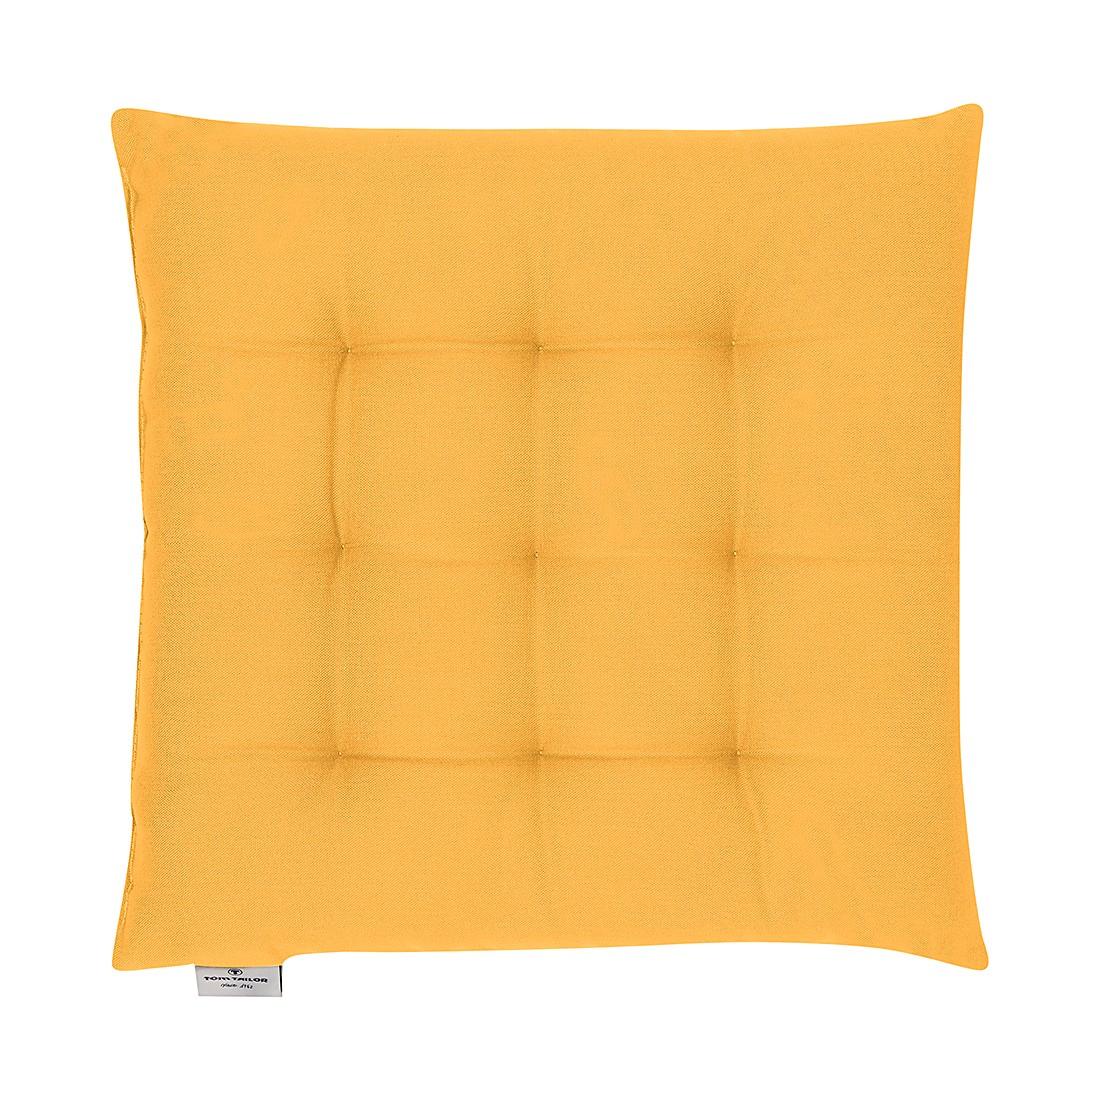 Image of Cuscino da seduta T-Dove, home24